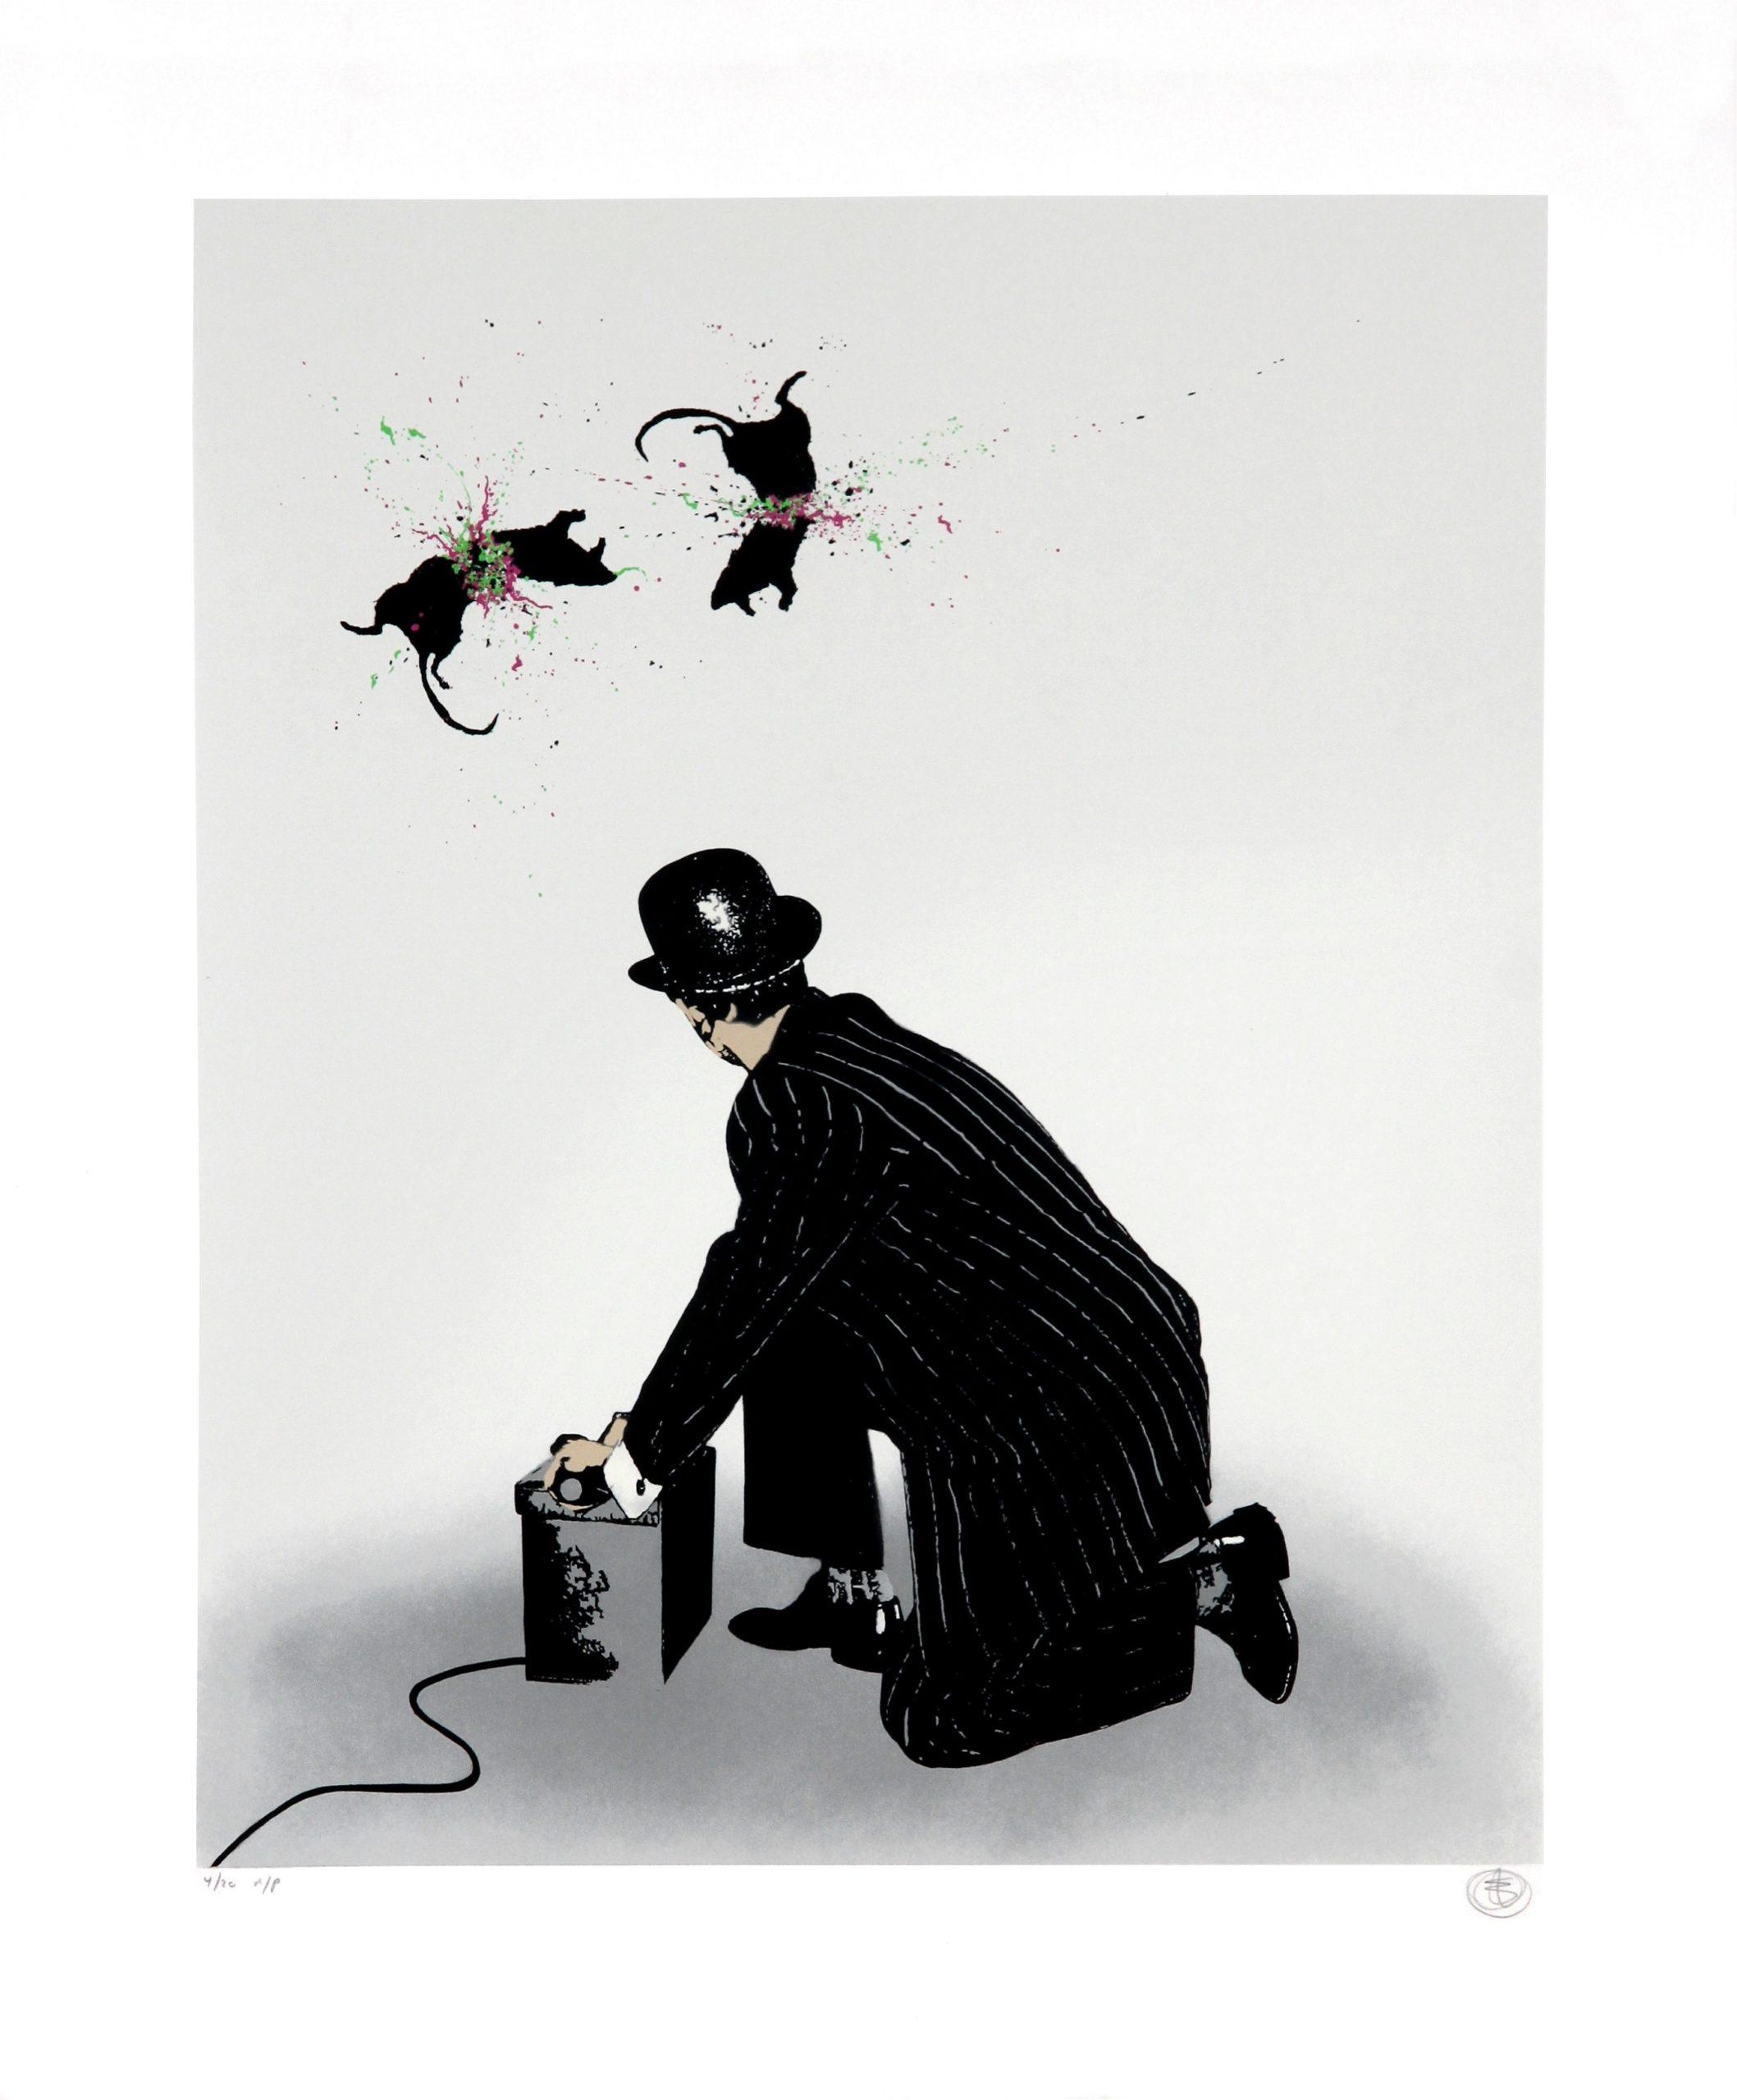 Ratatouille by Nick Walker